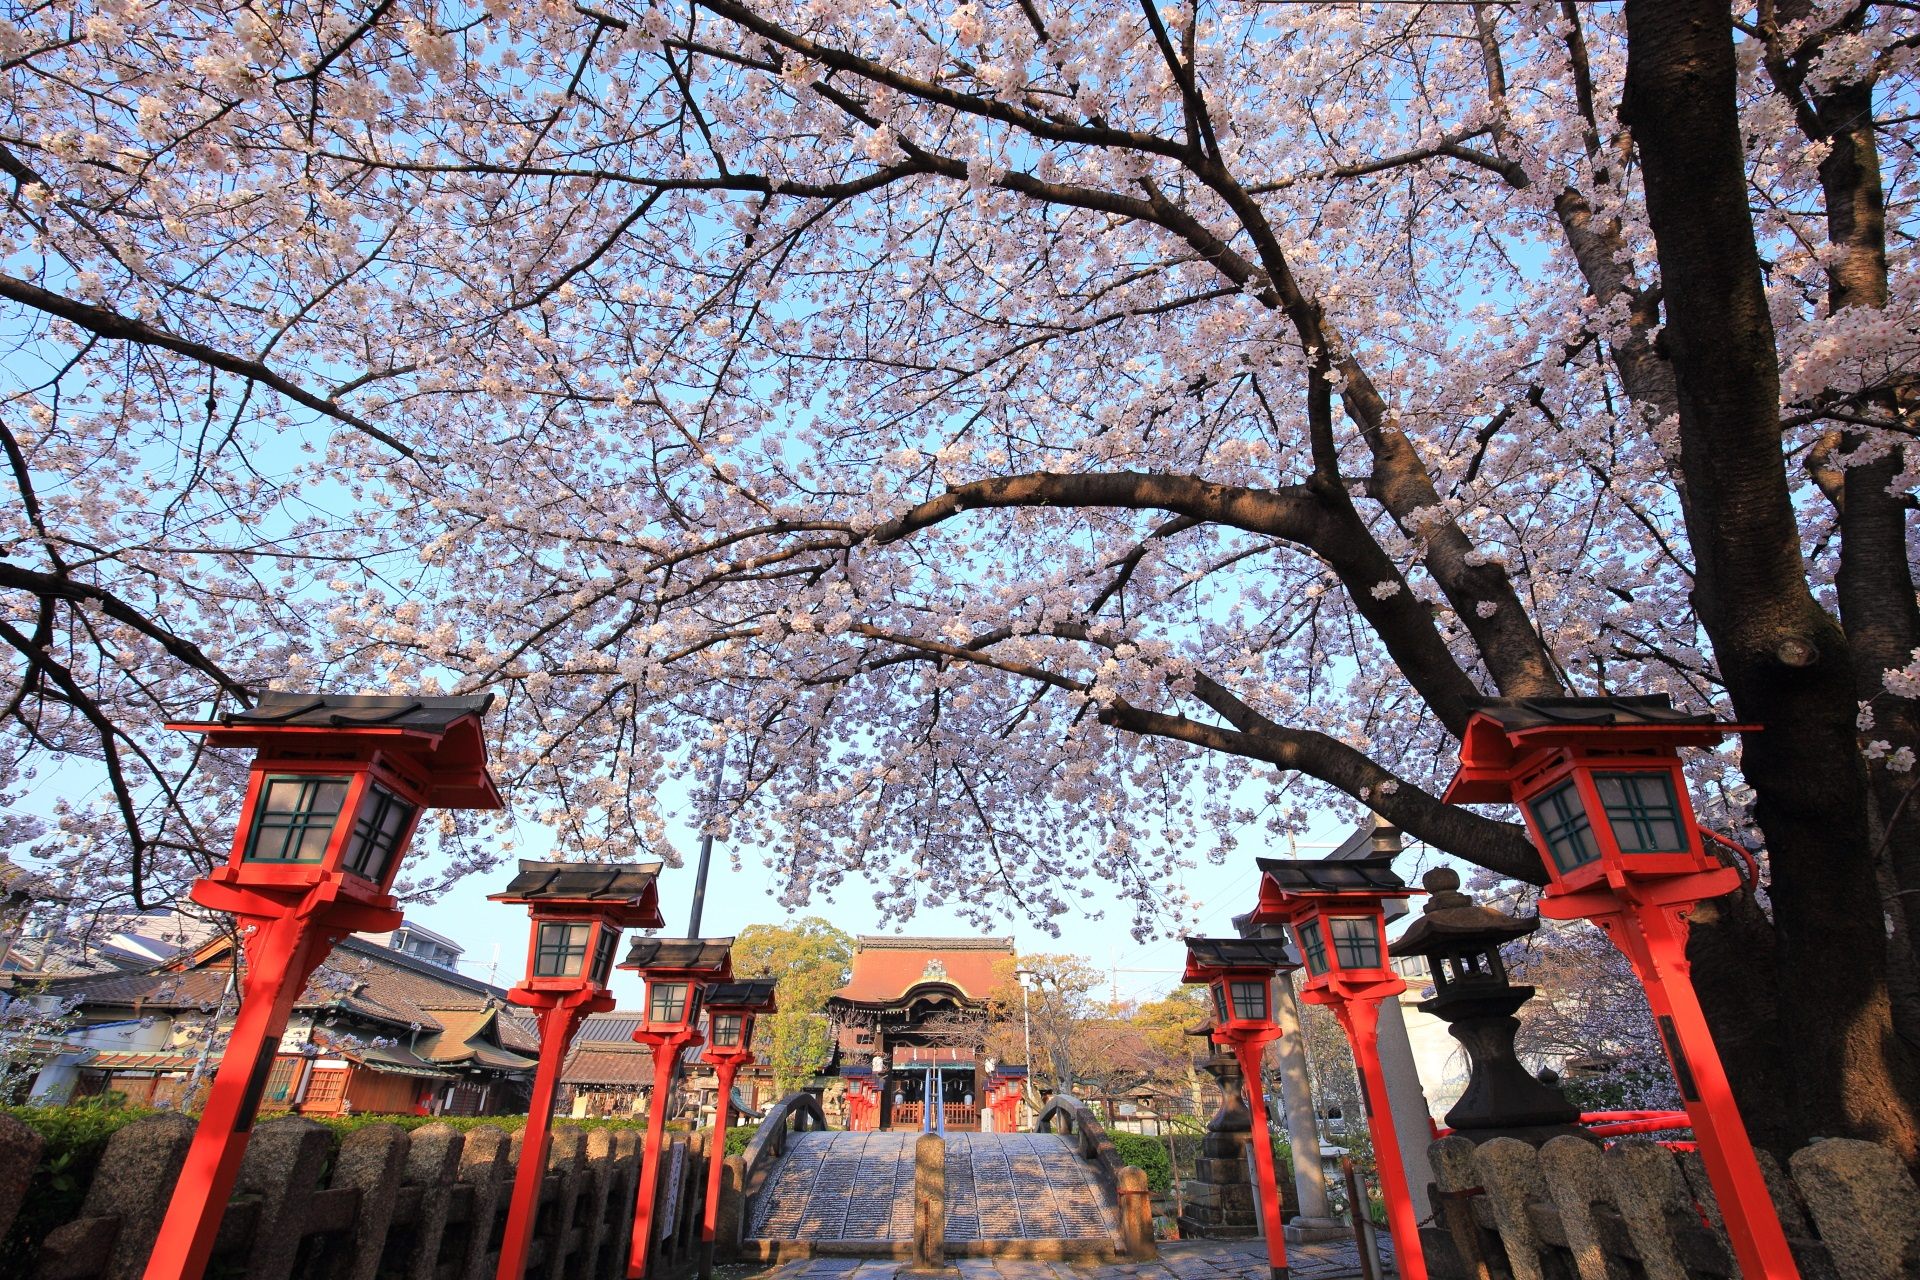 六孫王神社の鯉の架け橋(恋の架け橋)の桜